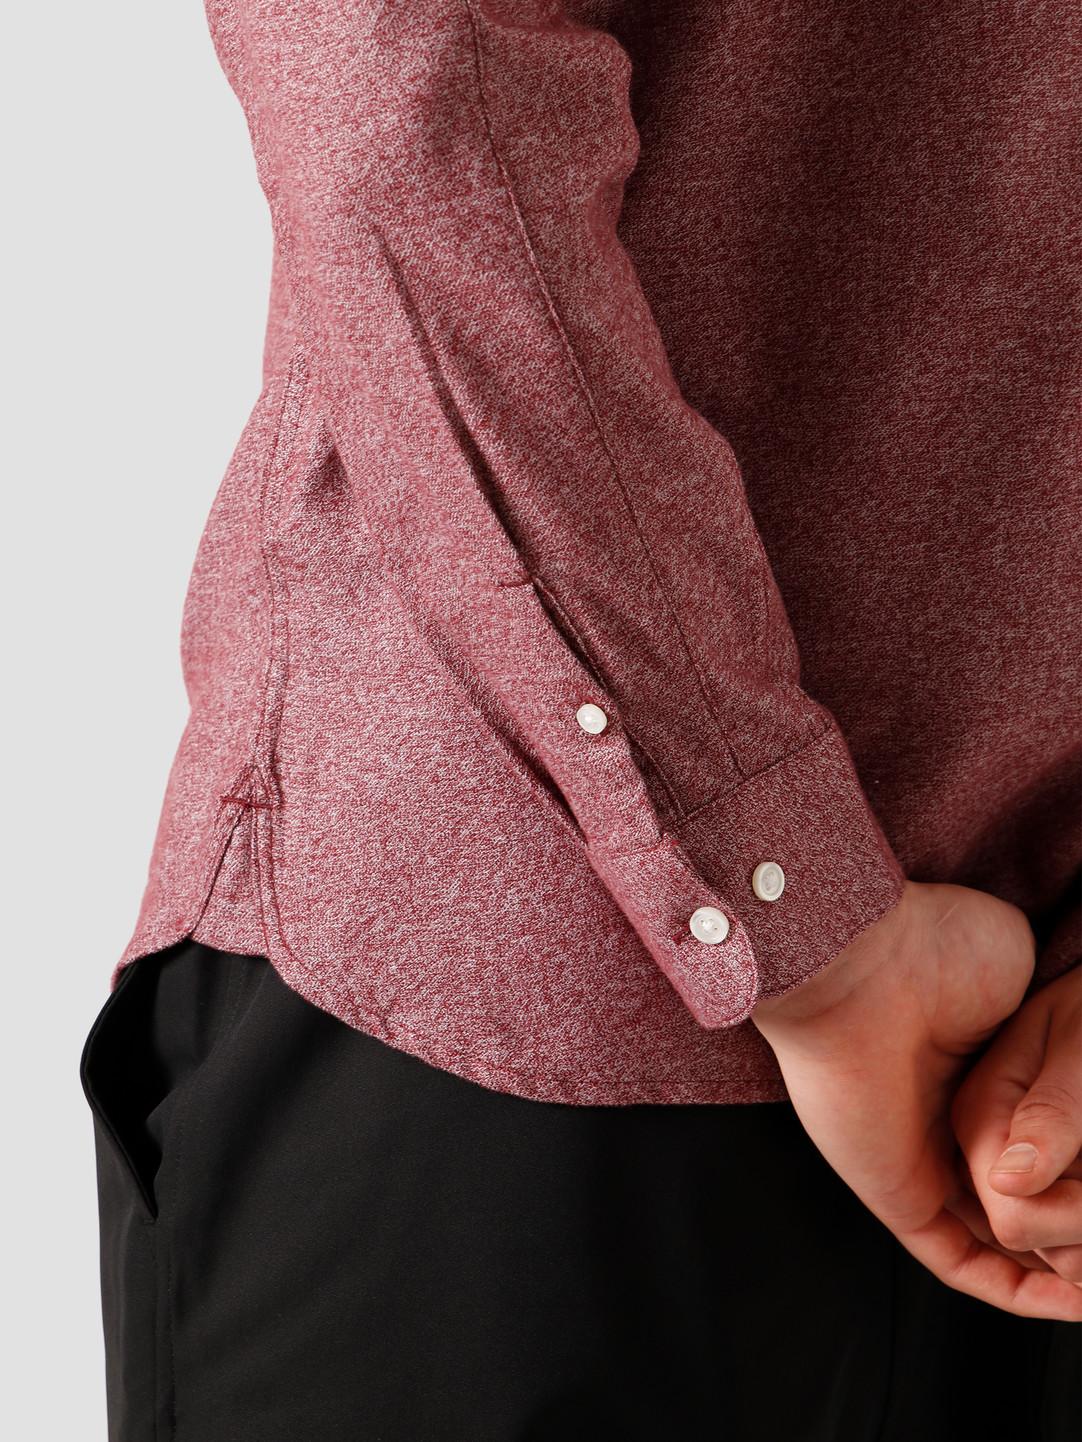 Carhartt WIP Carhartt WIP Longsleeve Corey Shirt Bordeaux I028224-JD00